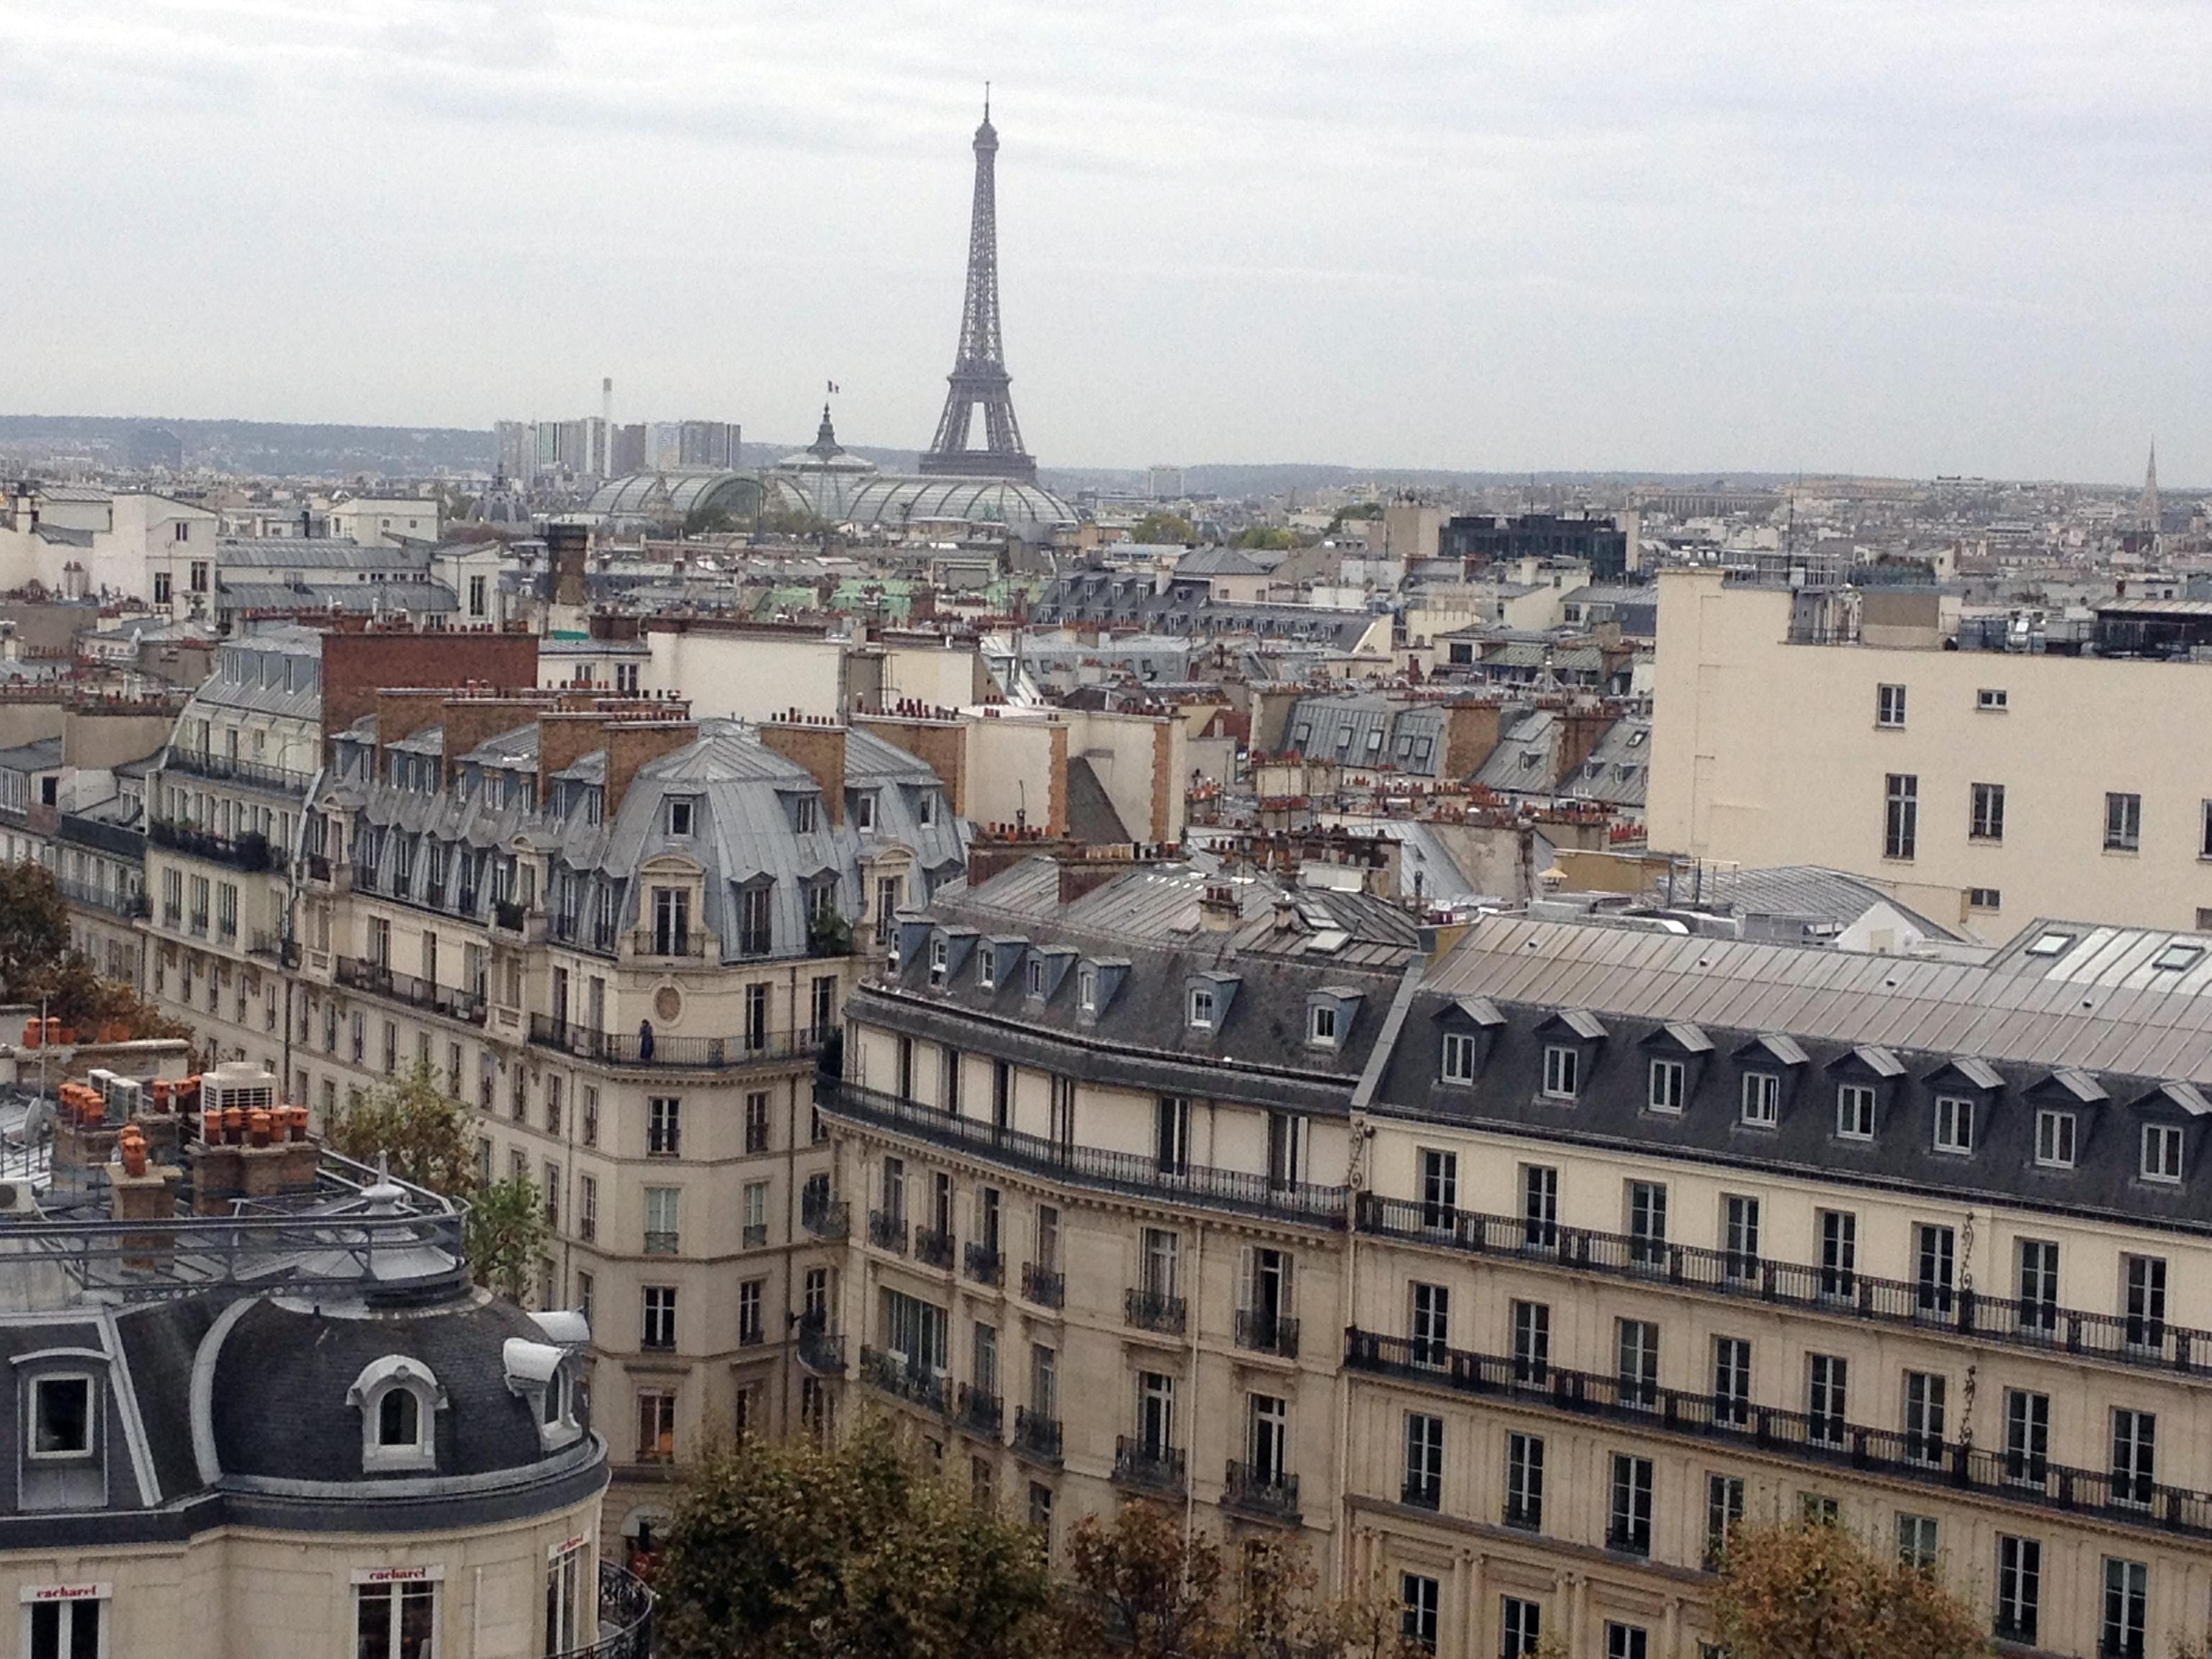 Incontrare ragazze su internet xp for Parigi travel tour